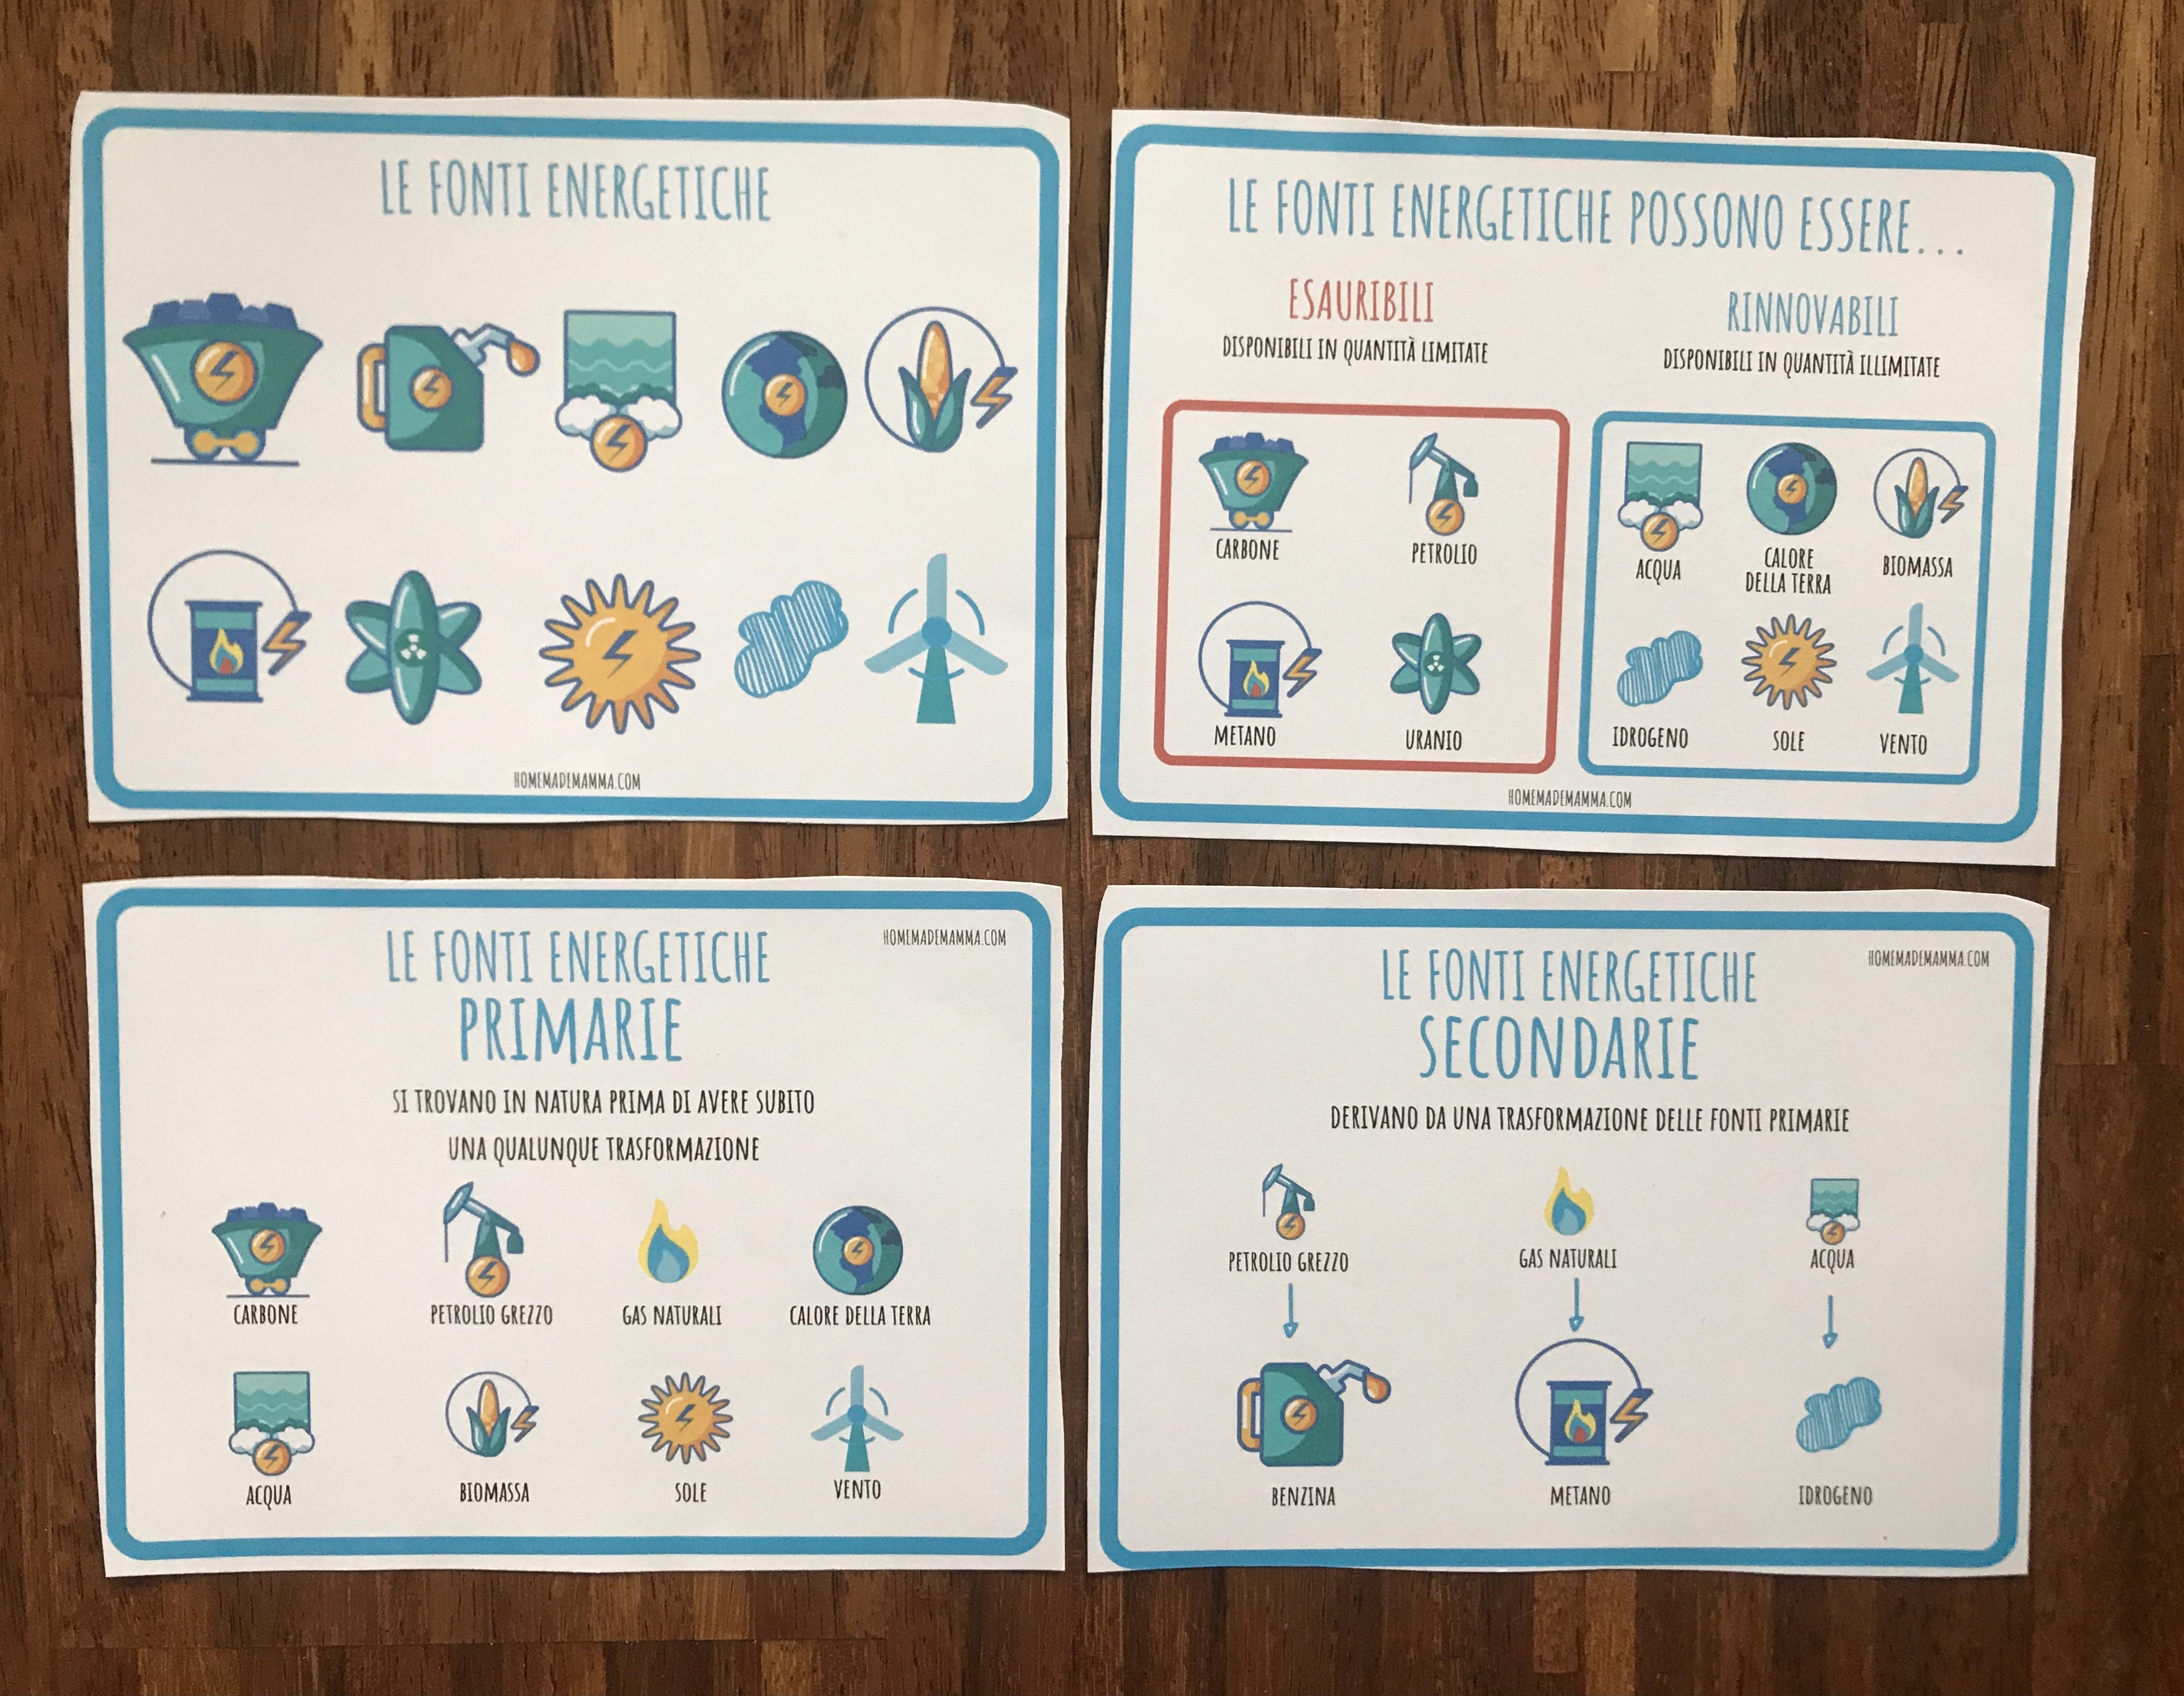 schede operative energia e fonti energetiche scuola primaria da stampare